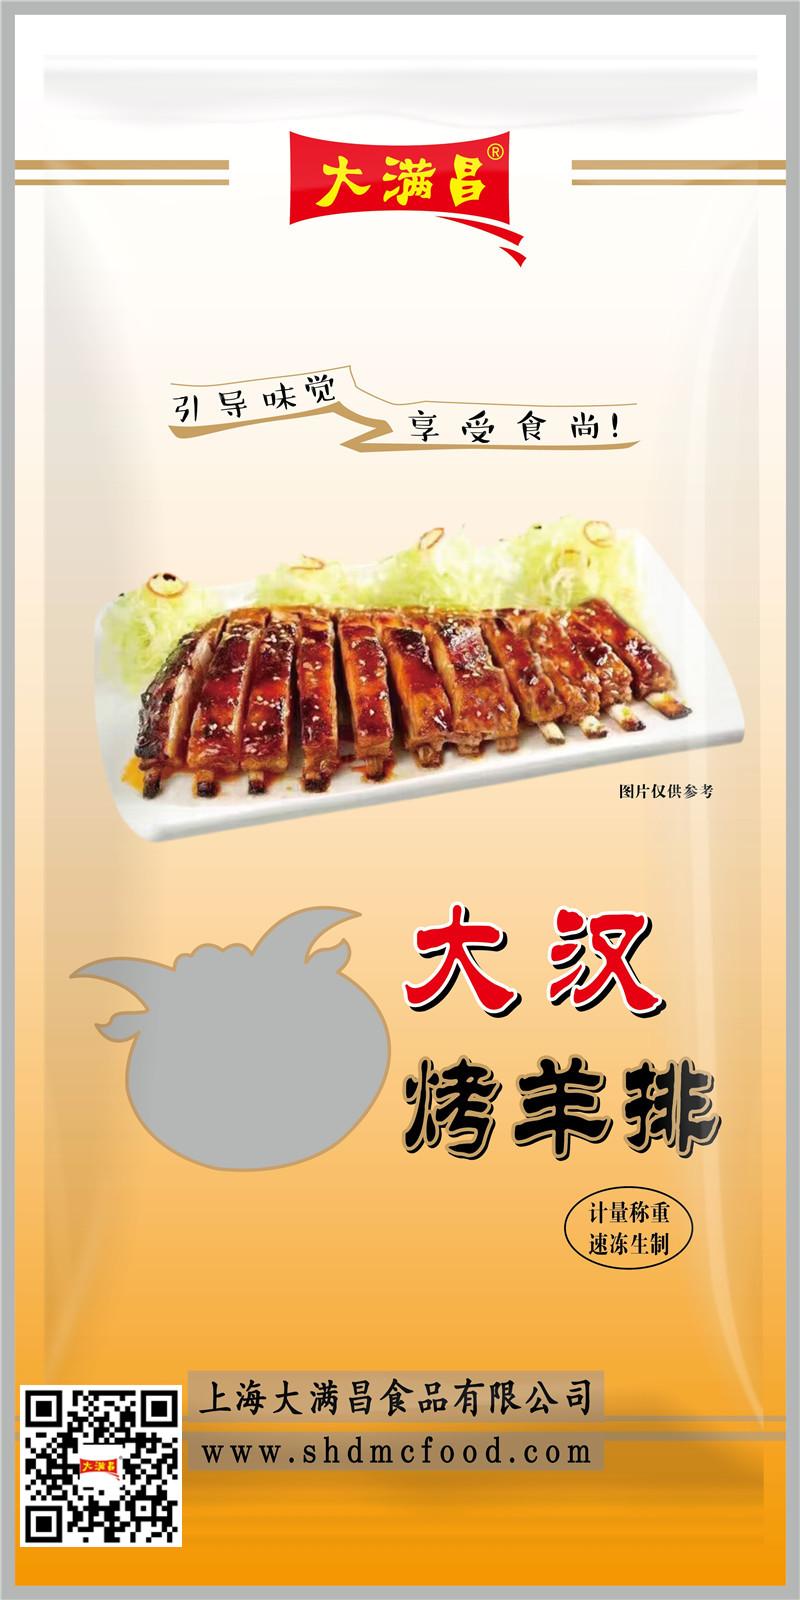 大汉烤羊排(图1)